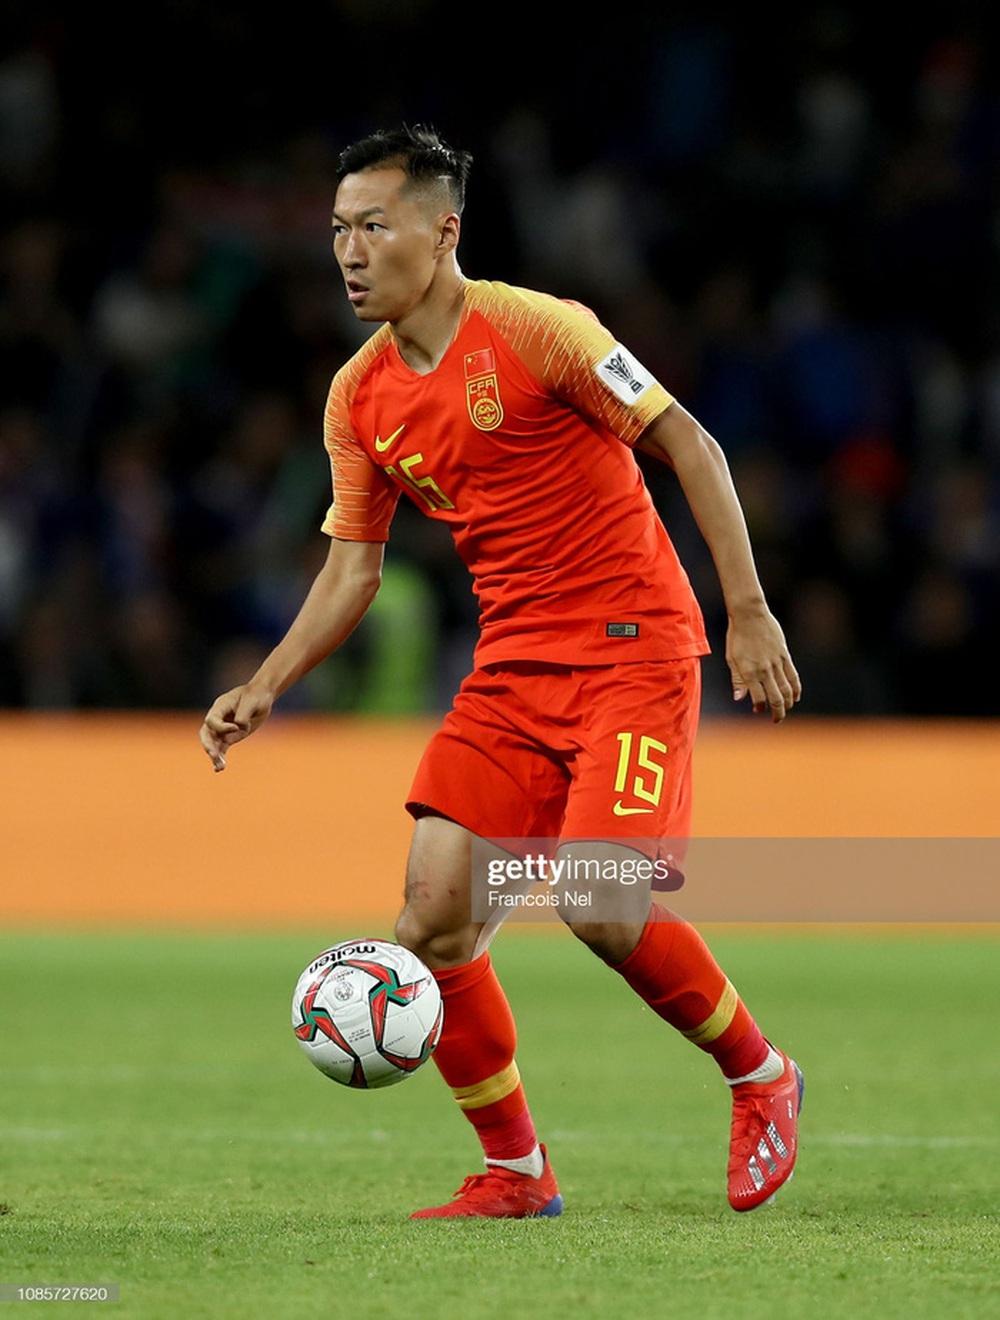 Đội trưởng tuyển Trung Quốc: Làm tốt 4 điều này, chúng tôi sẽ thắng tuyển Việt Nam - Ảnh 1.